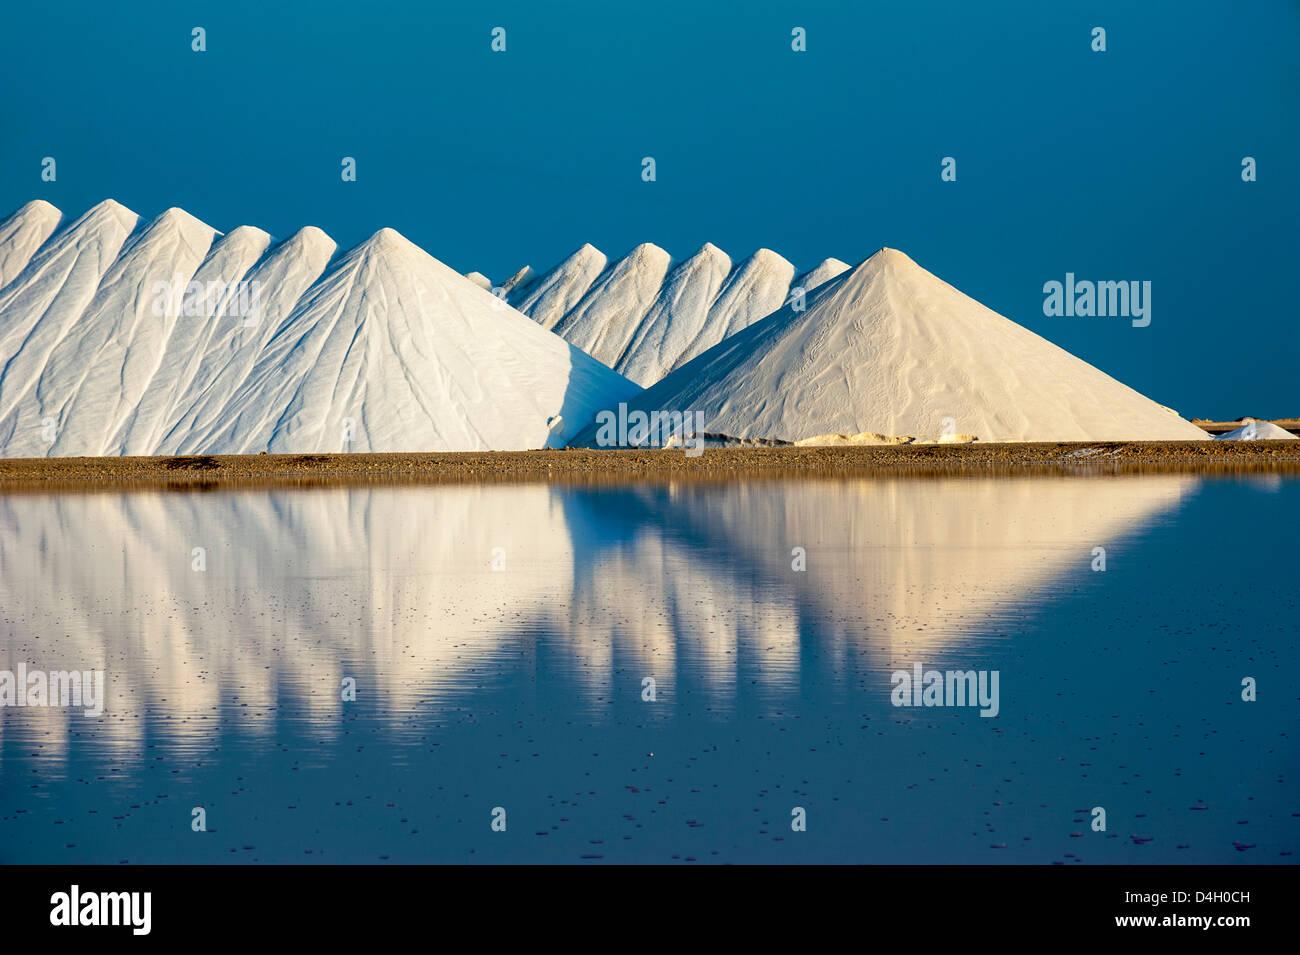 Saline plains, a salt mine in Bonaire, ABC Islands, Netherlands Antilles, Caribbean - Stock Image